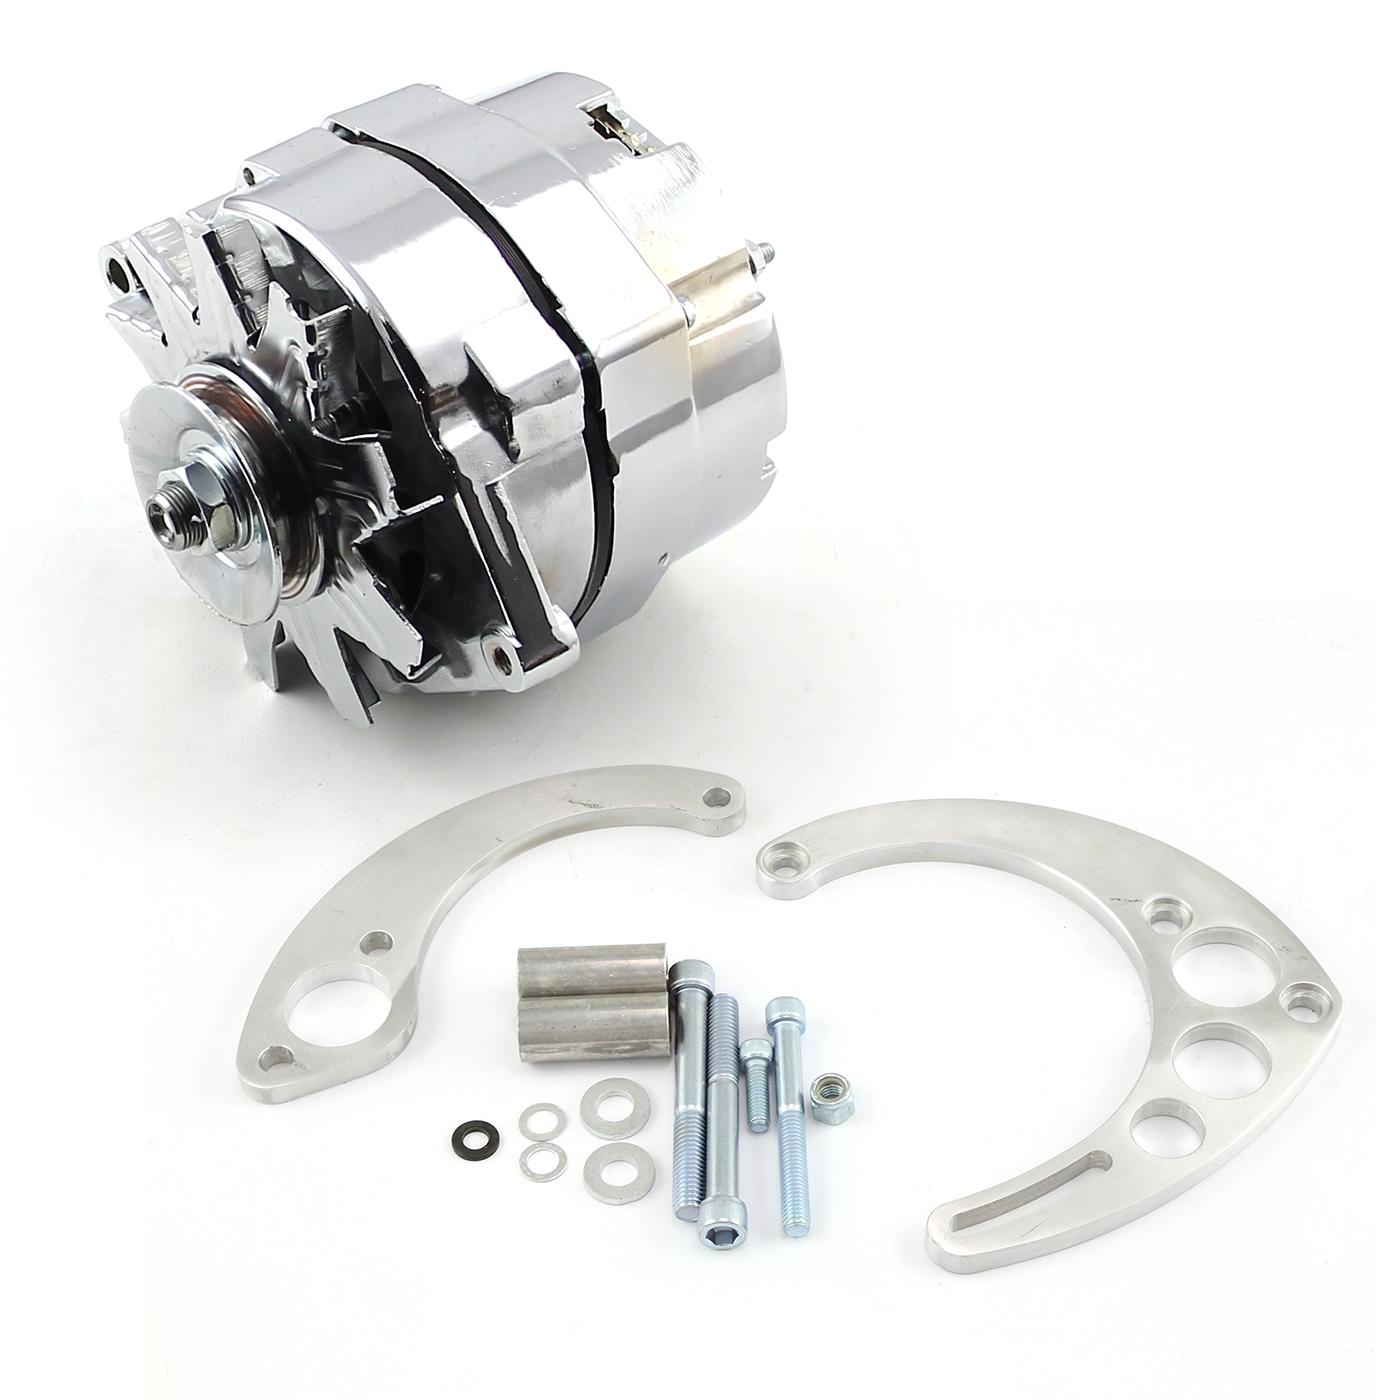 Chevy BBC 454 100 Amp 1 Wire Alternator & Short/Electric Pump Billet Bracket Kit